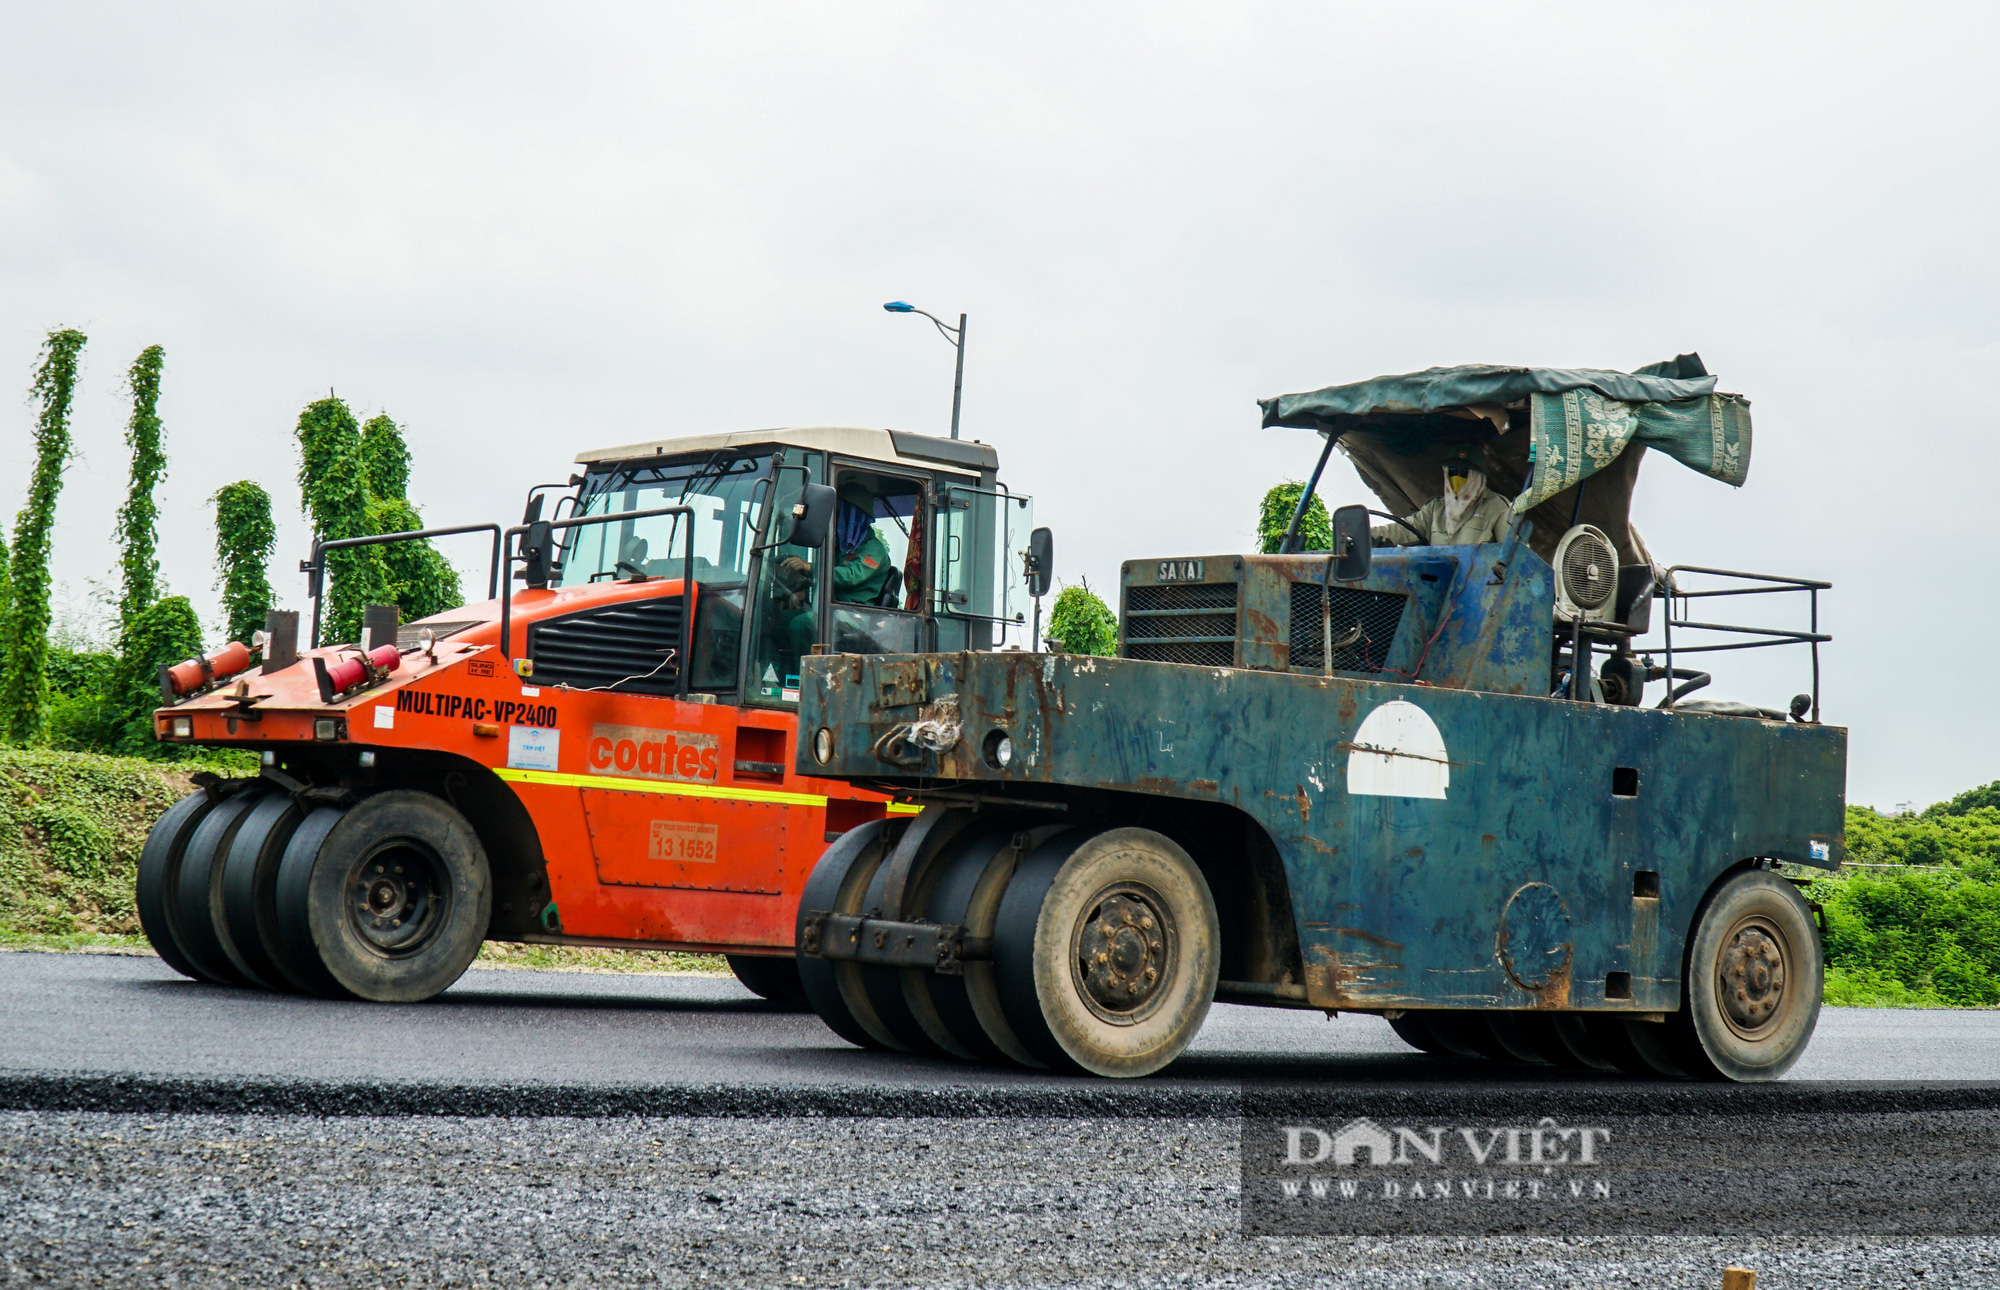 Công nhân tất bật xây dựng tuyến đường 400 tỷ kết nối Vành đai 3 với cao tốc Hà Nội - Hải Phòng - Ảnh 4.